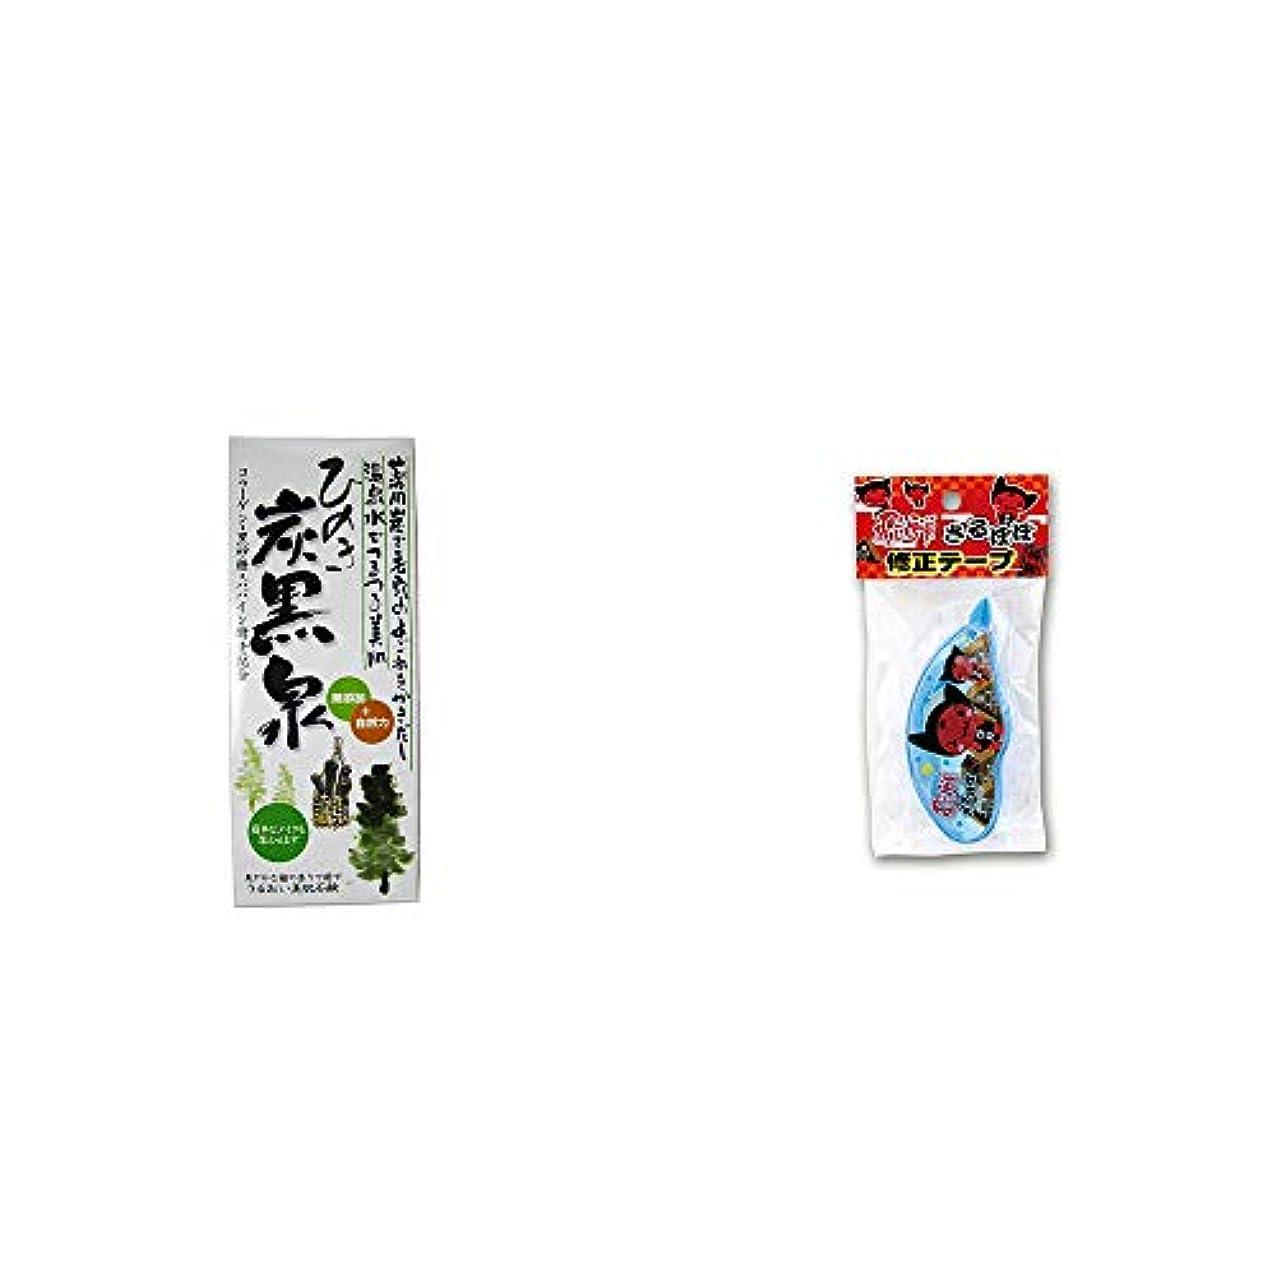 ミニ栄光飢[2点セット] ひのき炭黒泉 箱入り(75g×3)?さるぼぼ 修正テープ【ピンク】